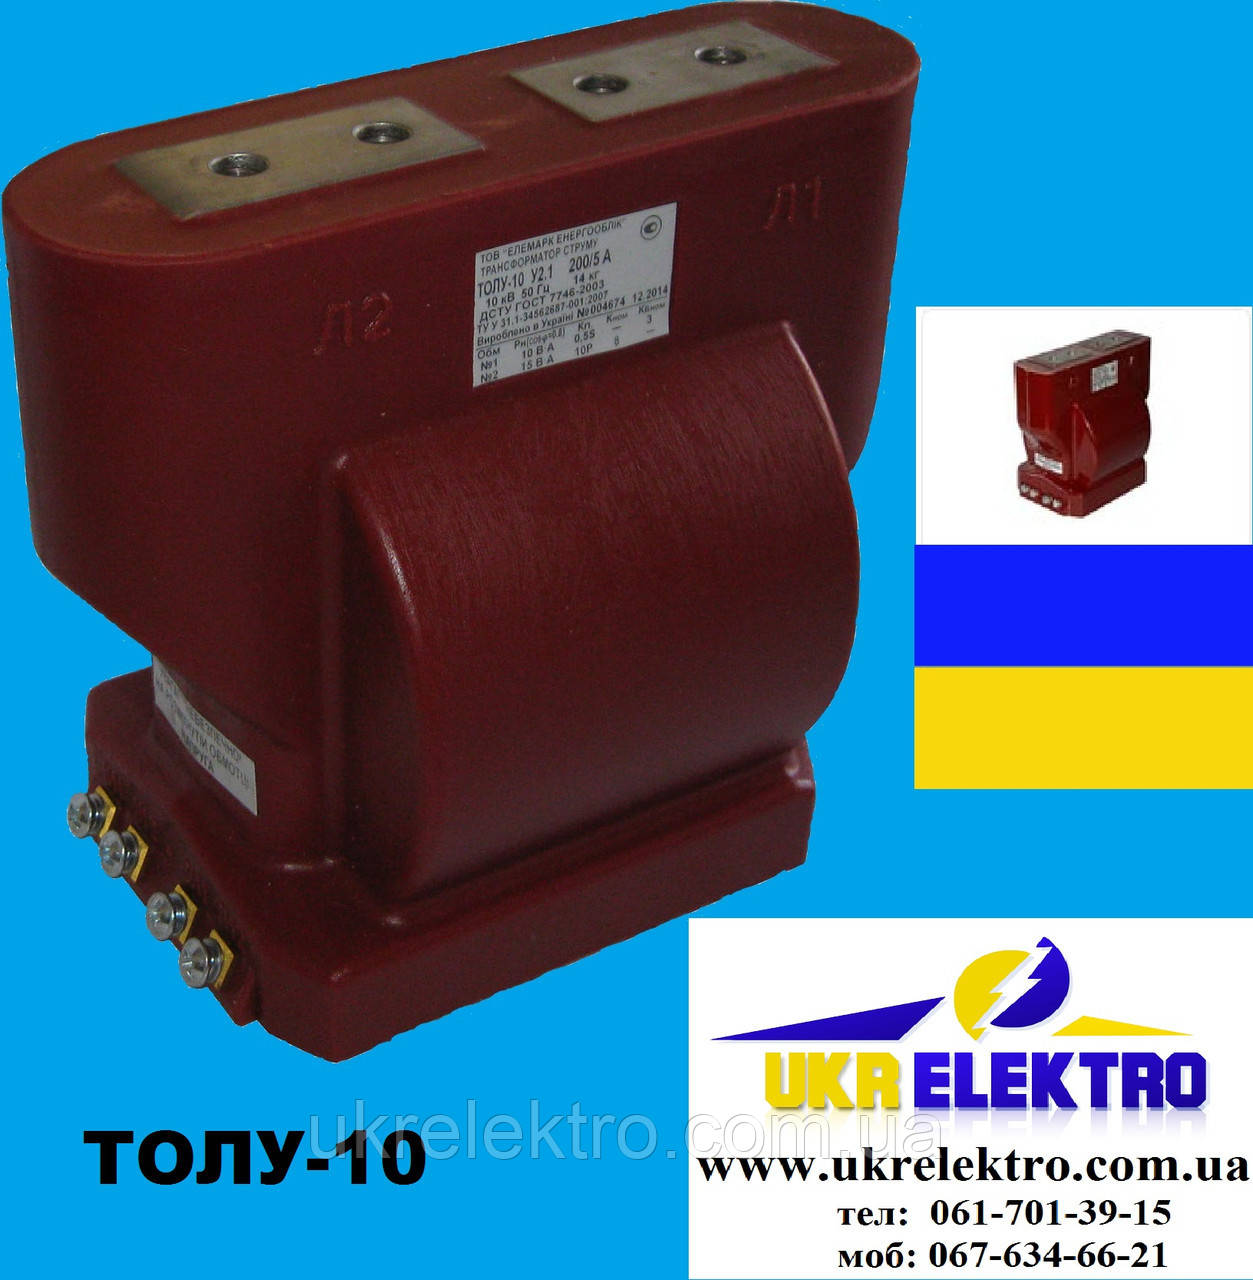 Трансформатор тока ТОЛУ 10 коэффициент трансформации от 5-1000А на 5А, класс точности 0,2s, 0,5s Гос. Поверка